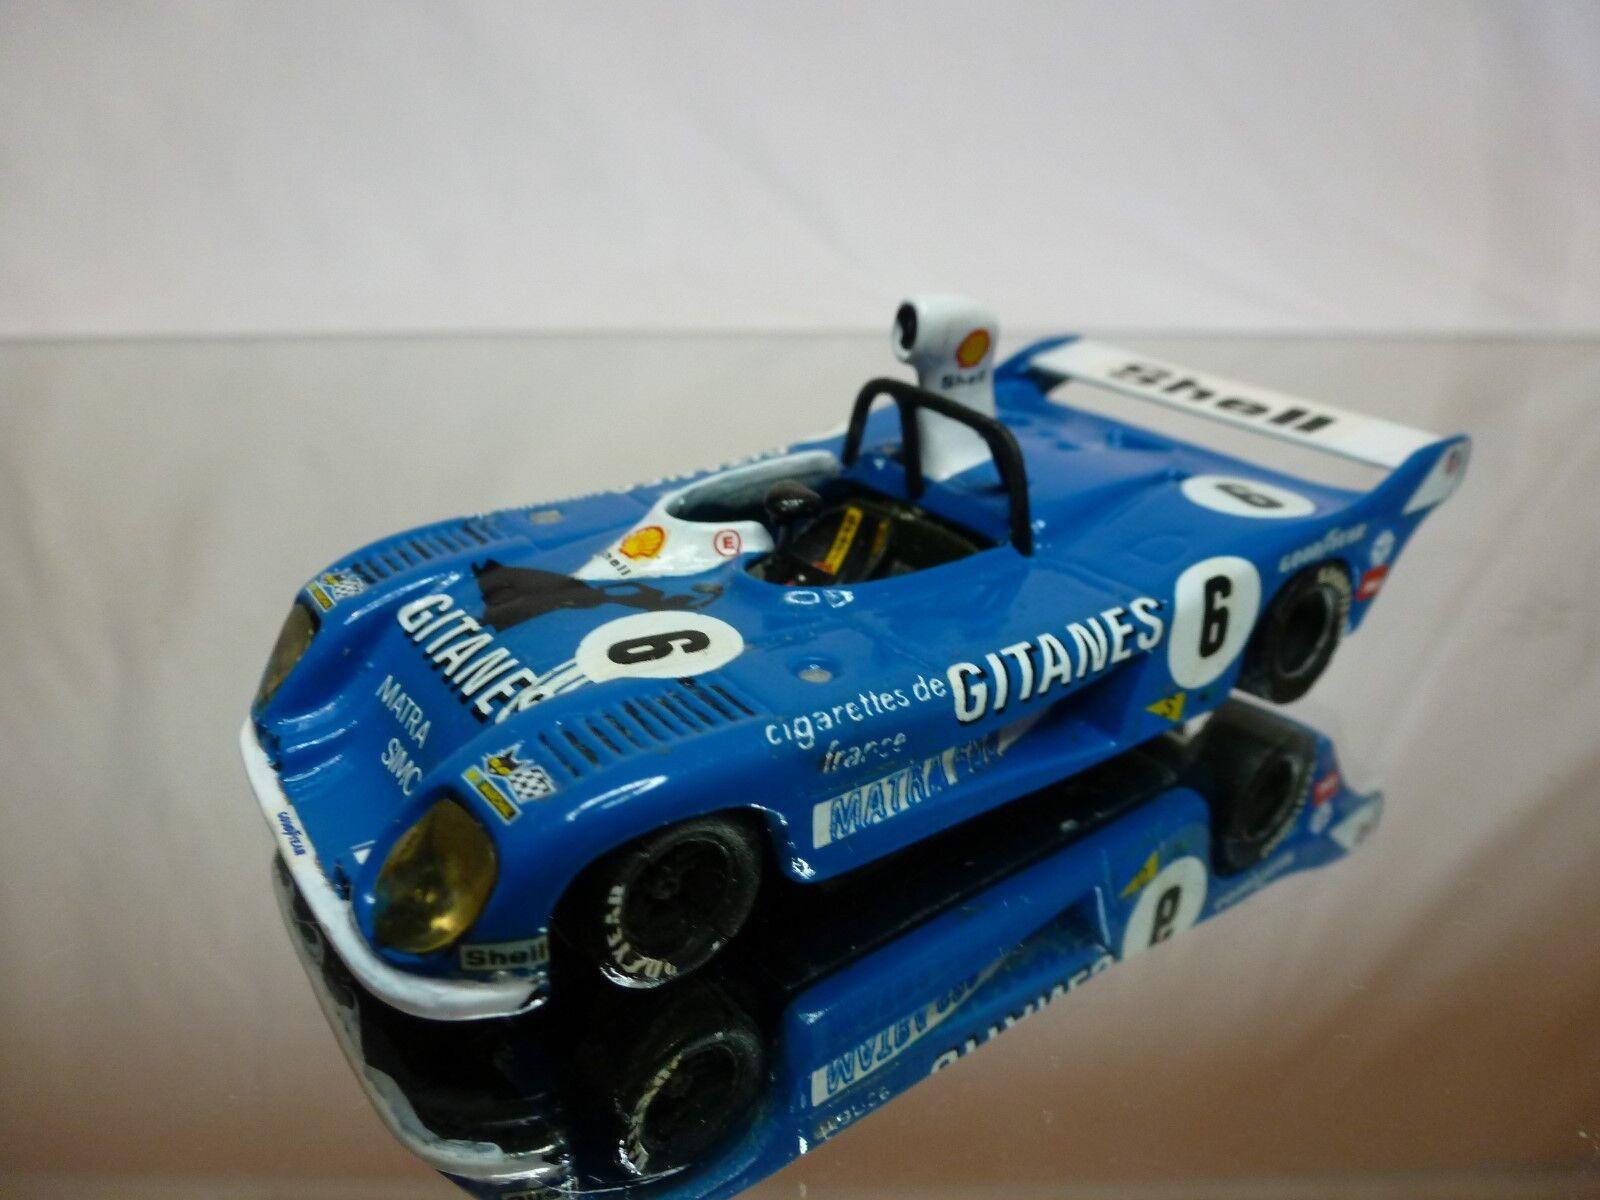 a la venta AUTODIN MATRA 680  MATRA SIMCA   KIT (built) (built) (built)  - azul 1 43 - NICE CONDITION  calidad auténtica